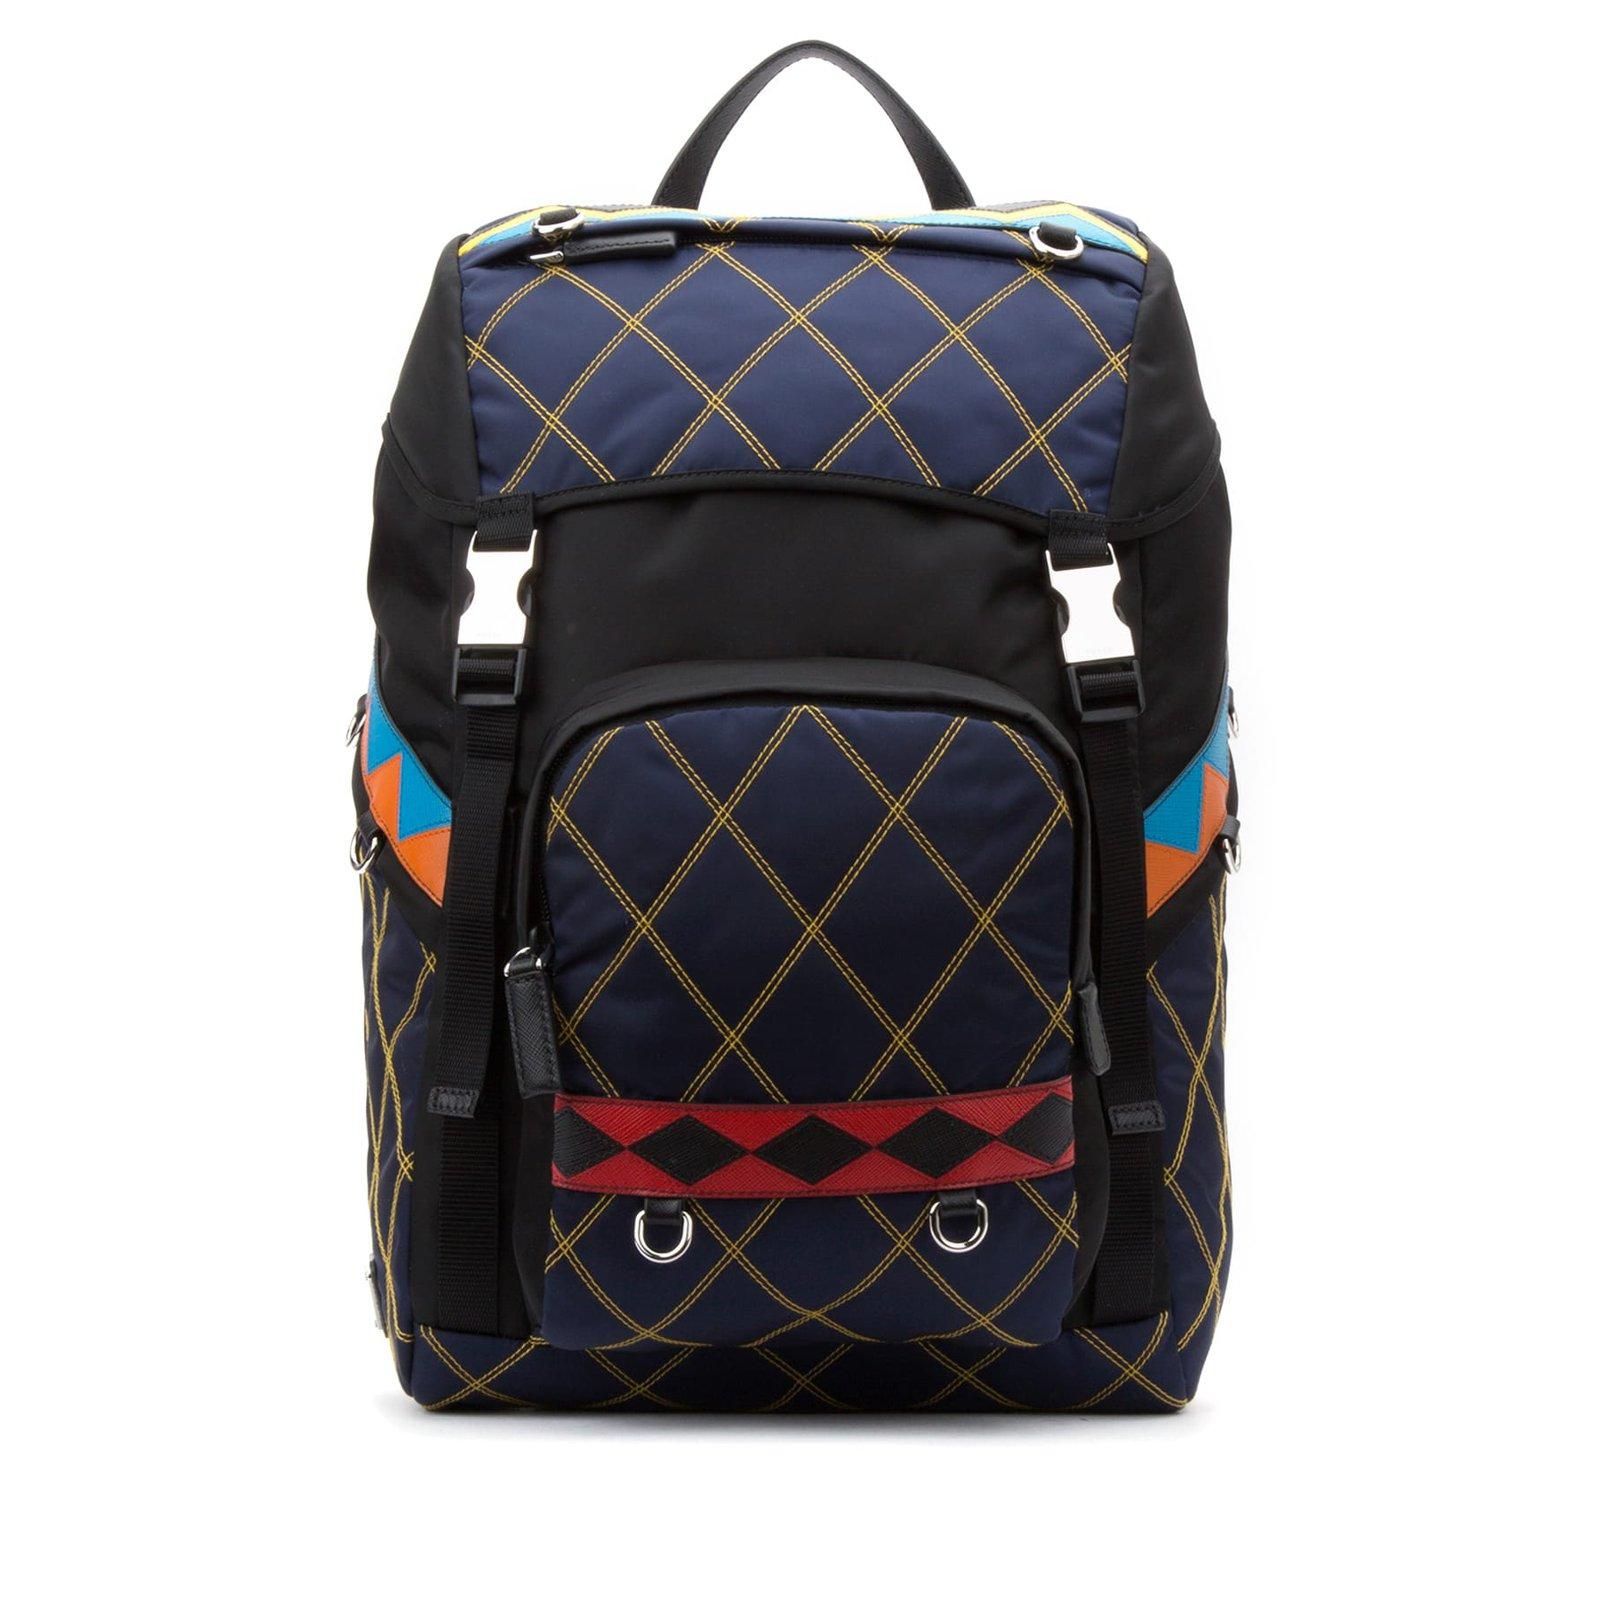 eeca9ec522d5 ... promo code for prada prada backpack new bags briefcases nylon blue  ref.56068 7d2fd bf5d3